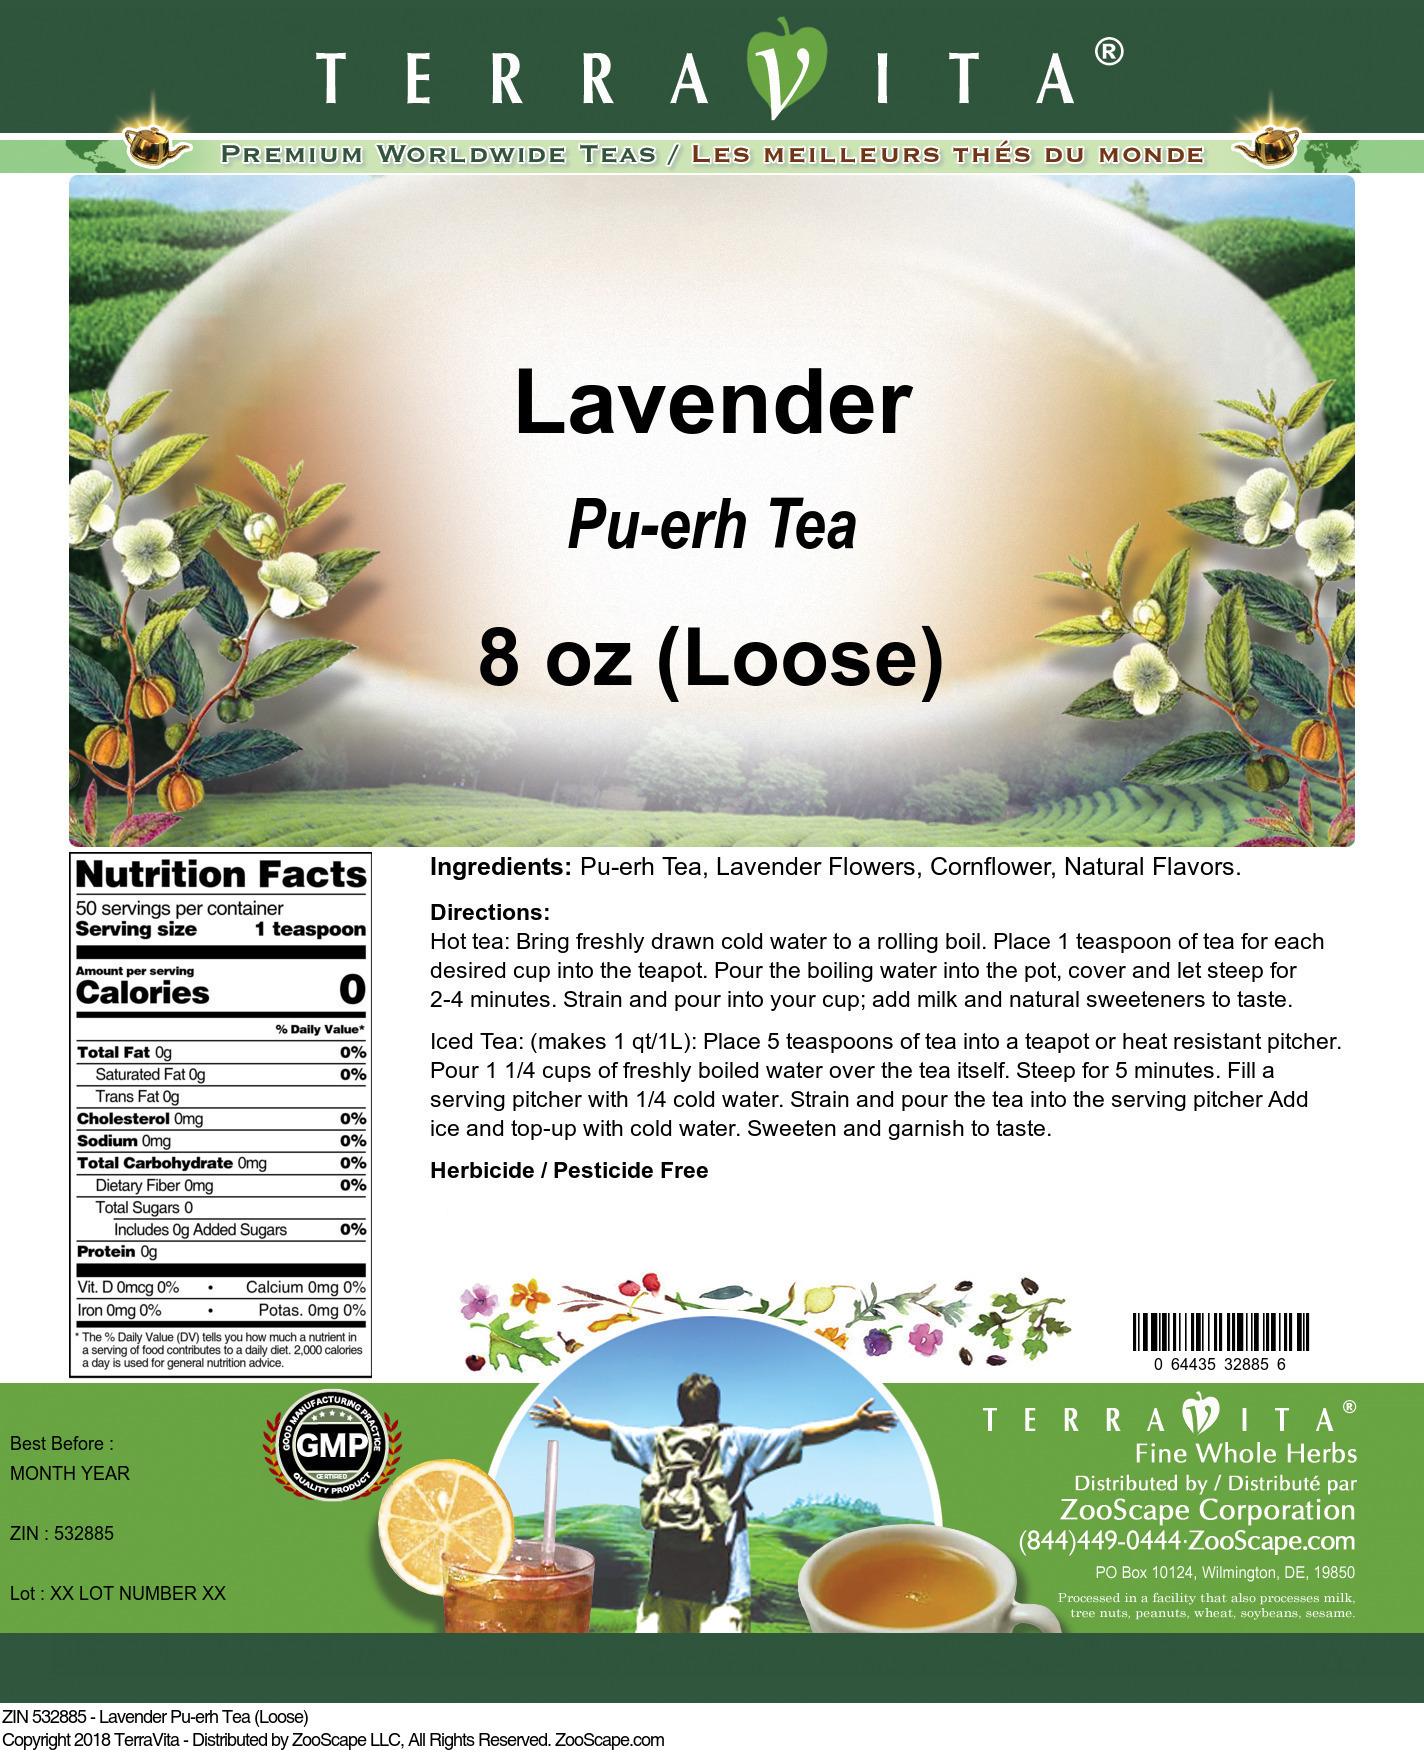 Lavender Pu-erh Tea